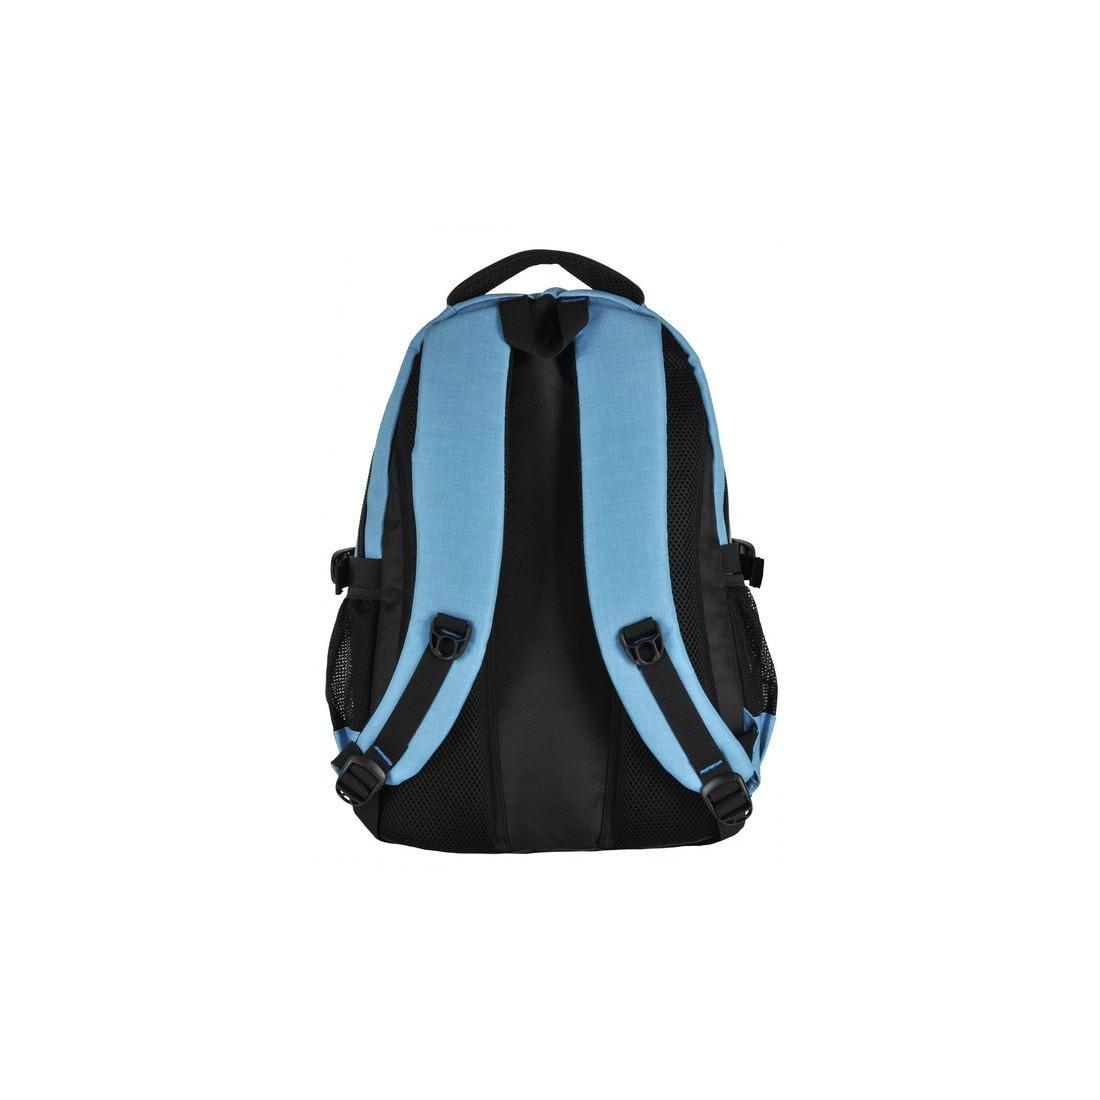 Plecak młodzieżowy niebieski original collection - plecak-tornister.pl